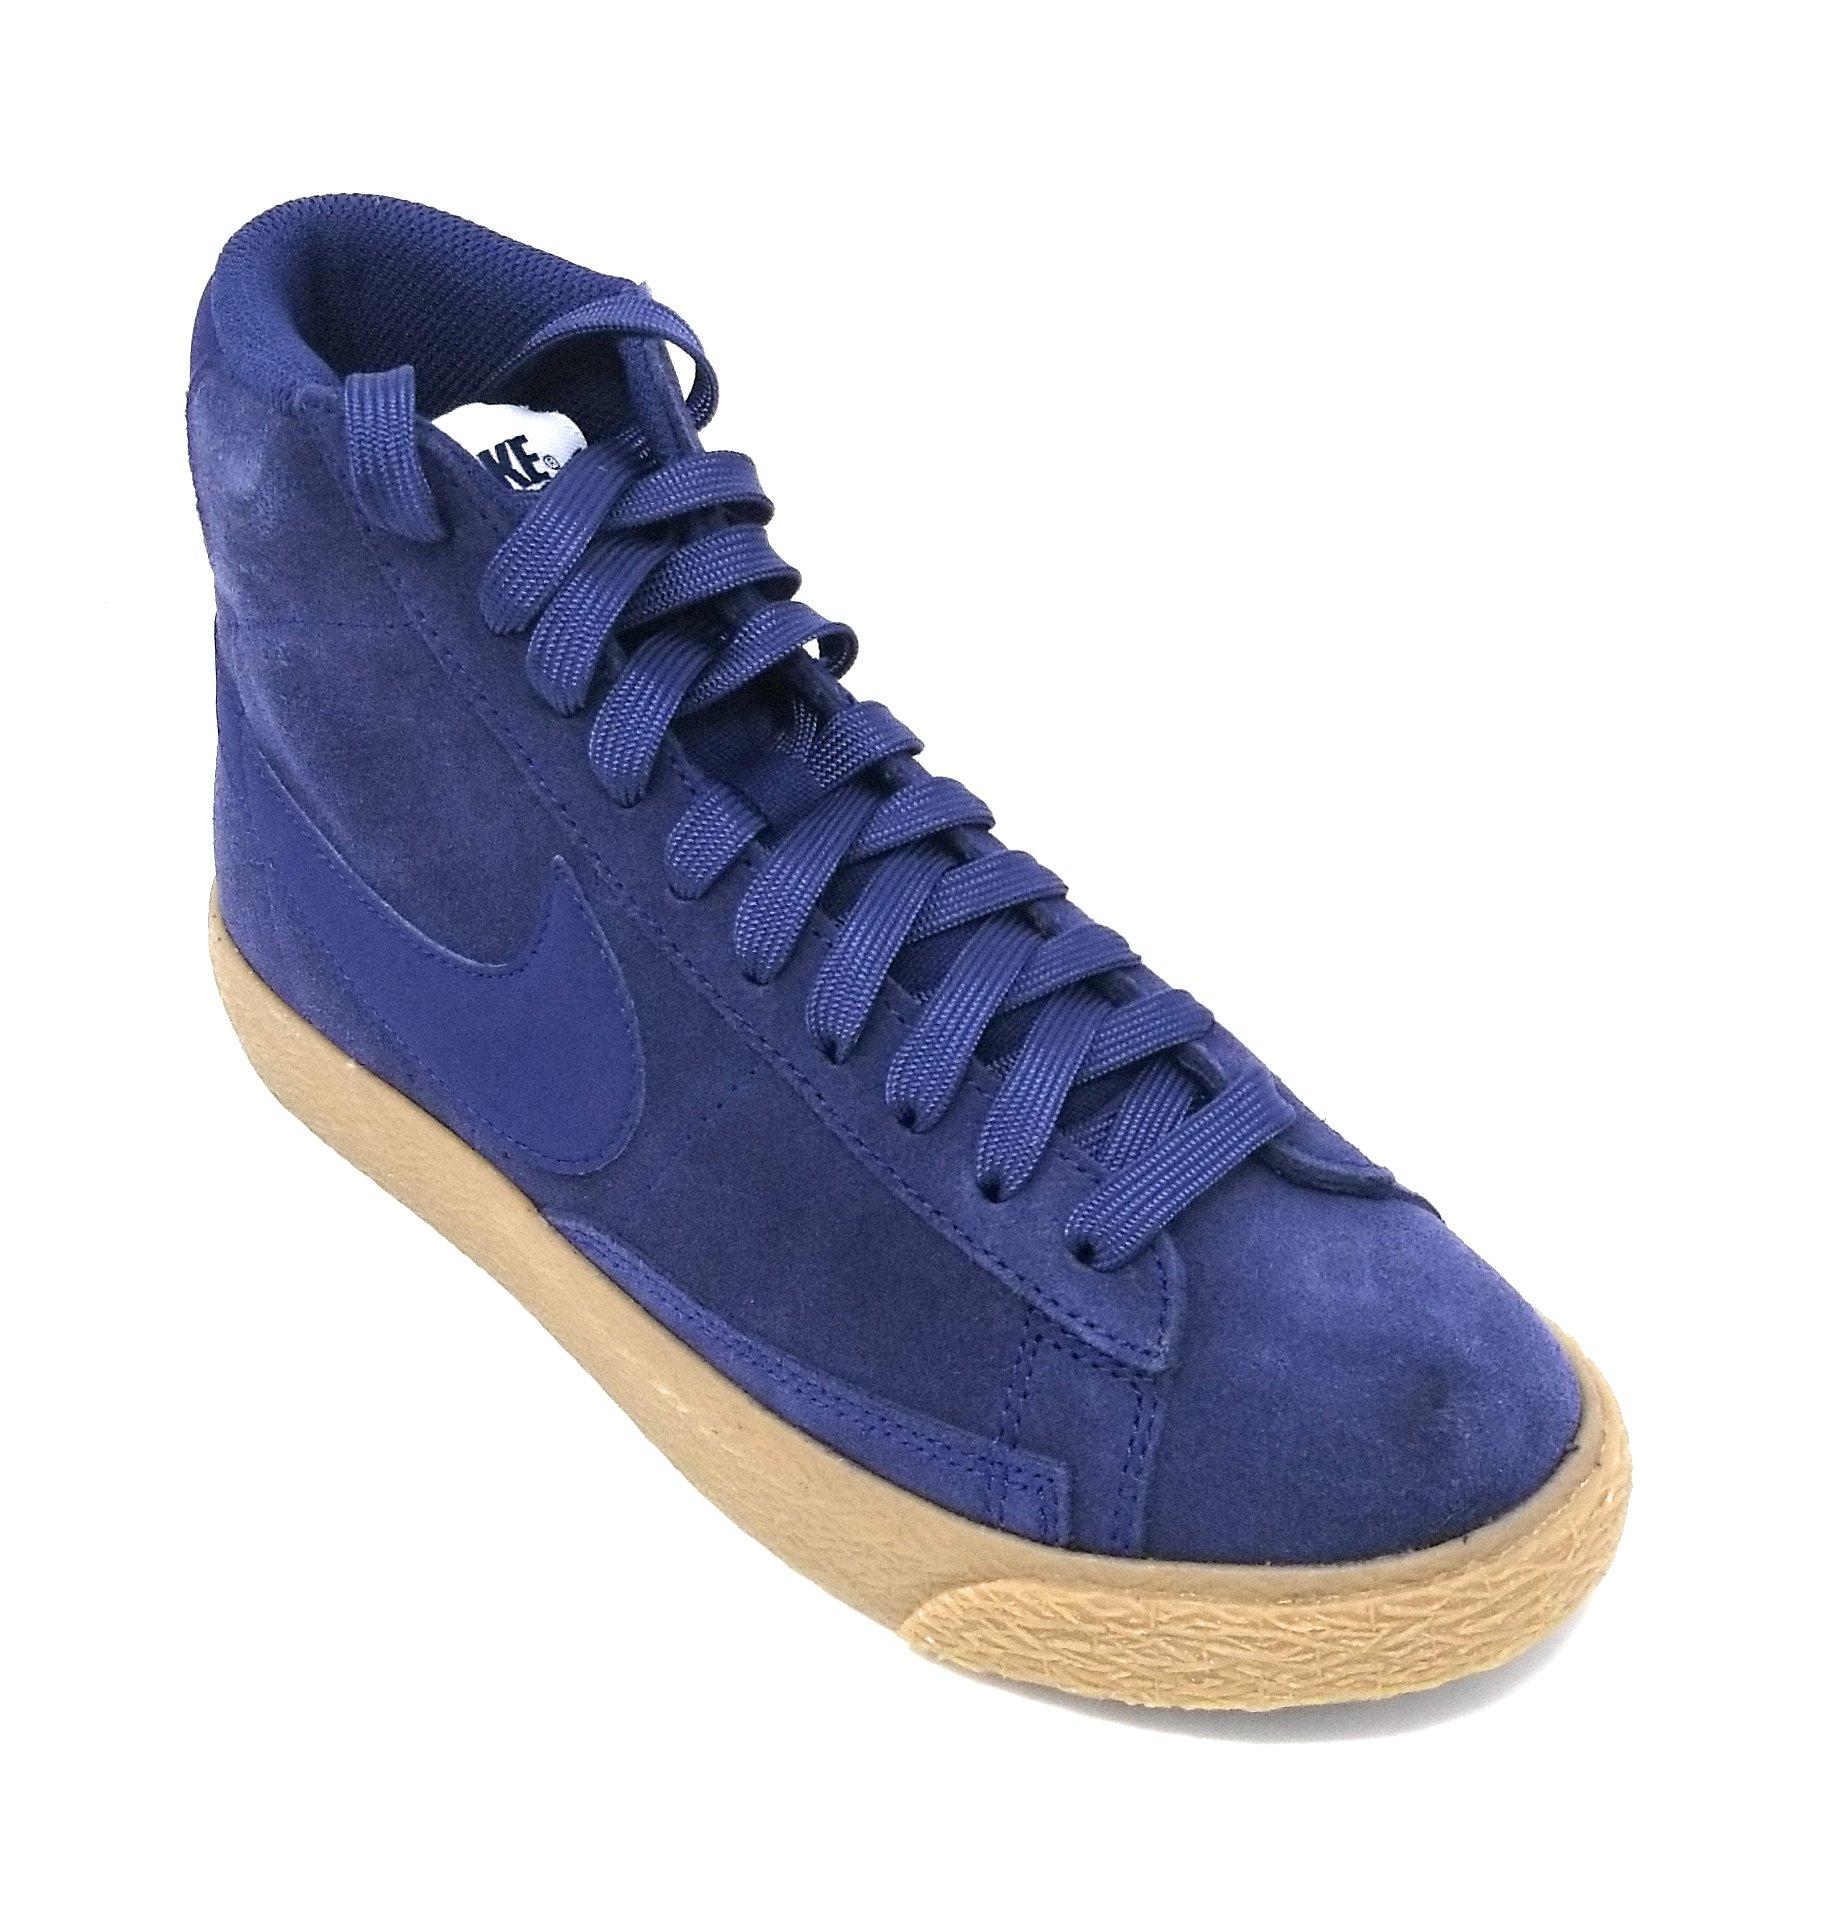 NIKE Blazer Mid Grade School Black Leather (4.5Y, Binary Blue/Gum Brown)